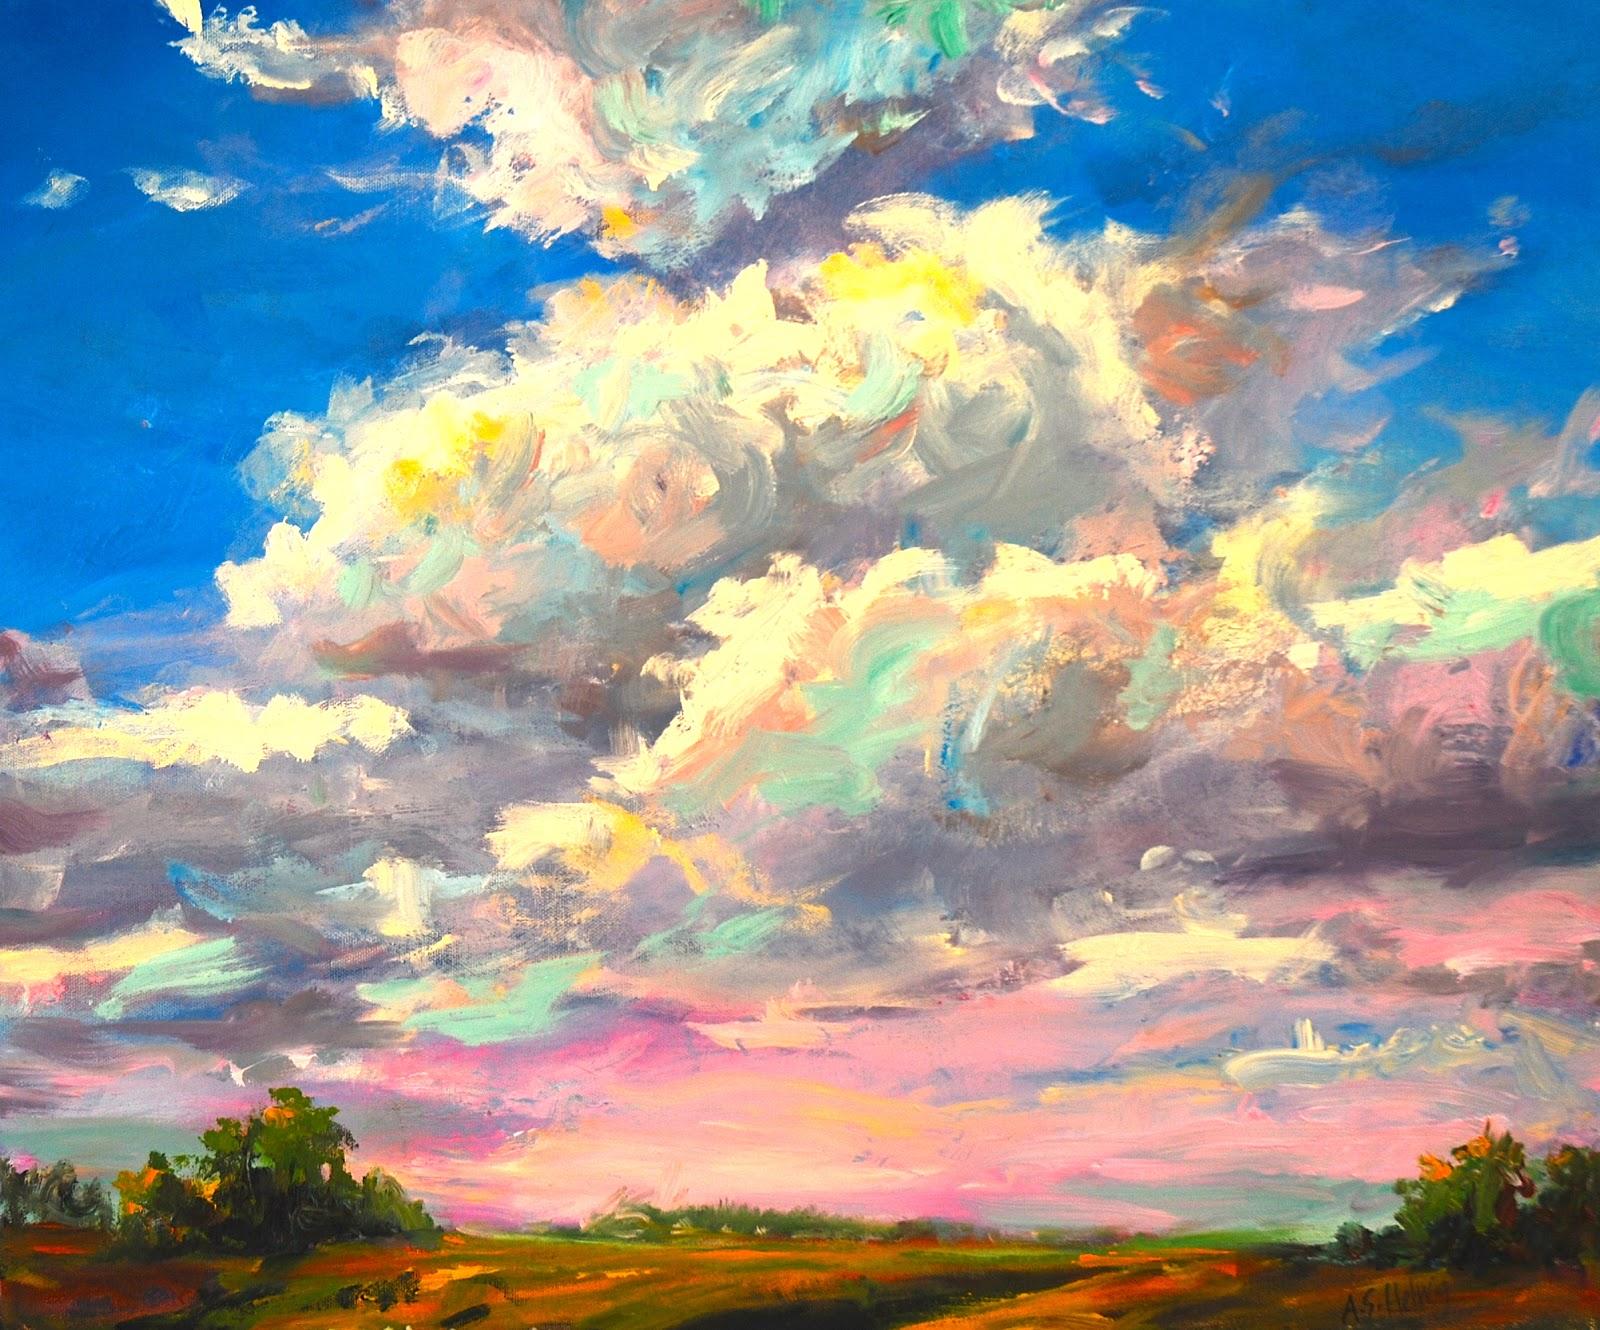 фото небо с облаками рисунок гуашью неделю